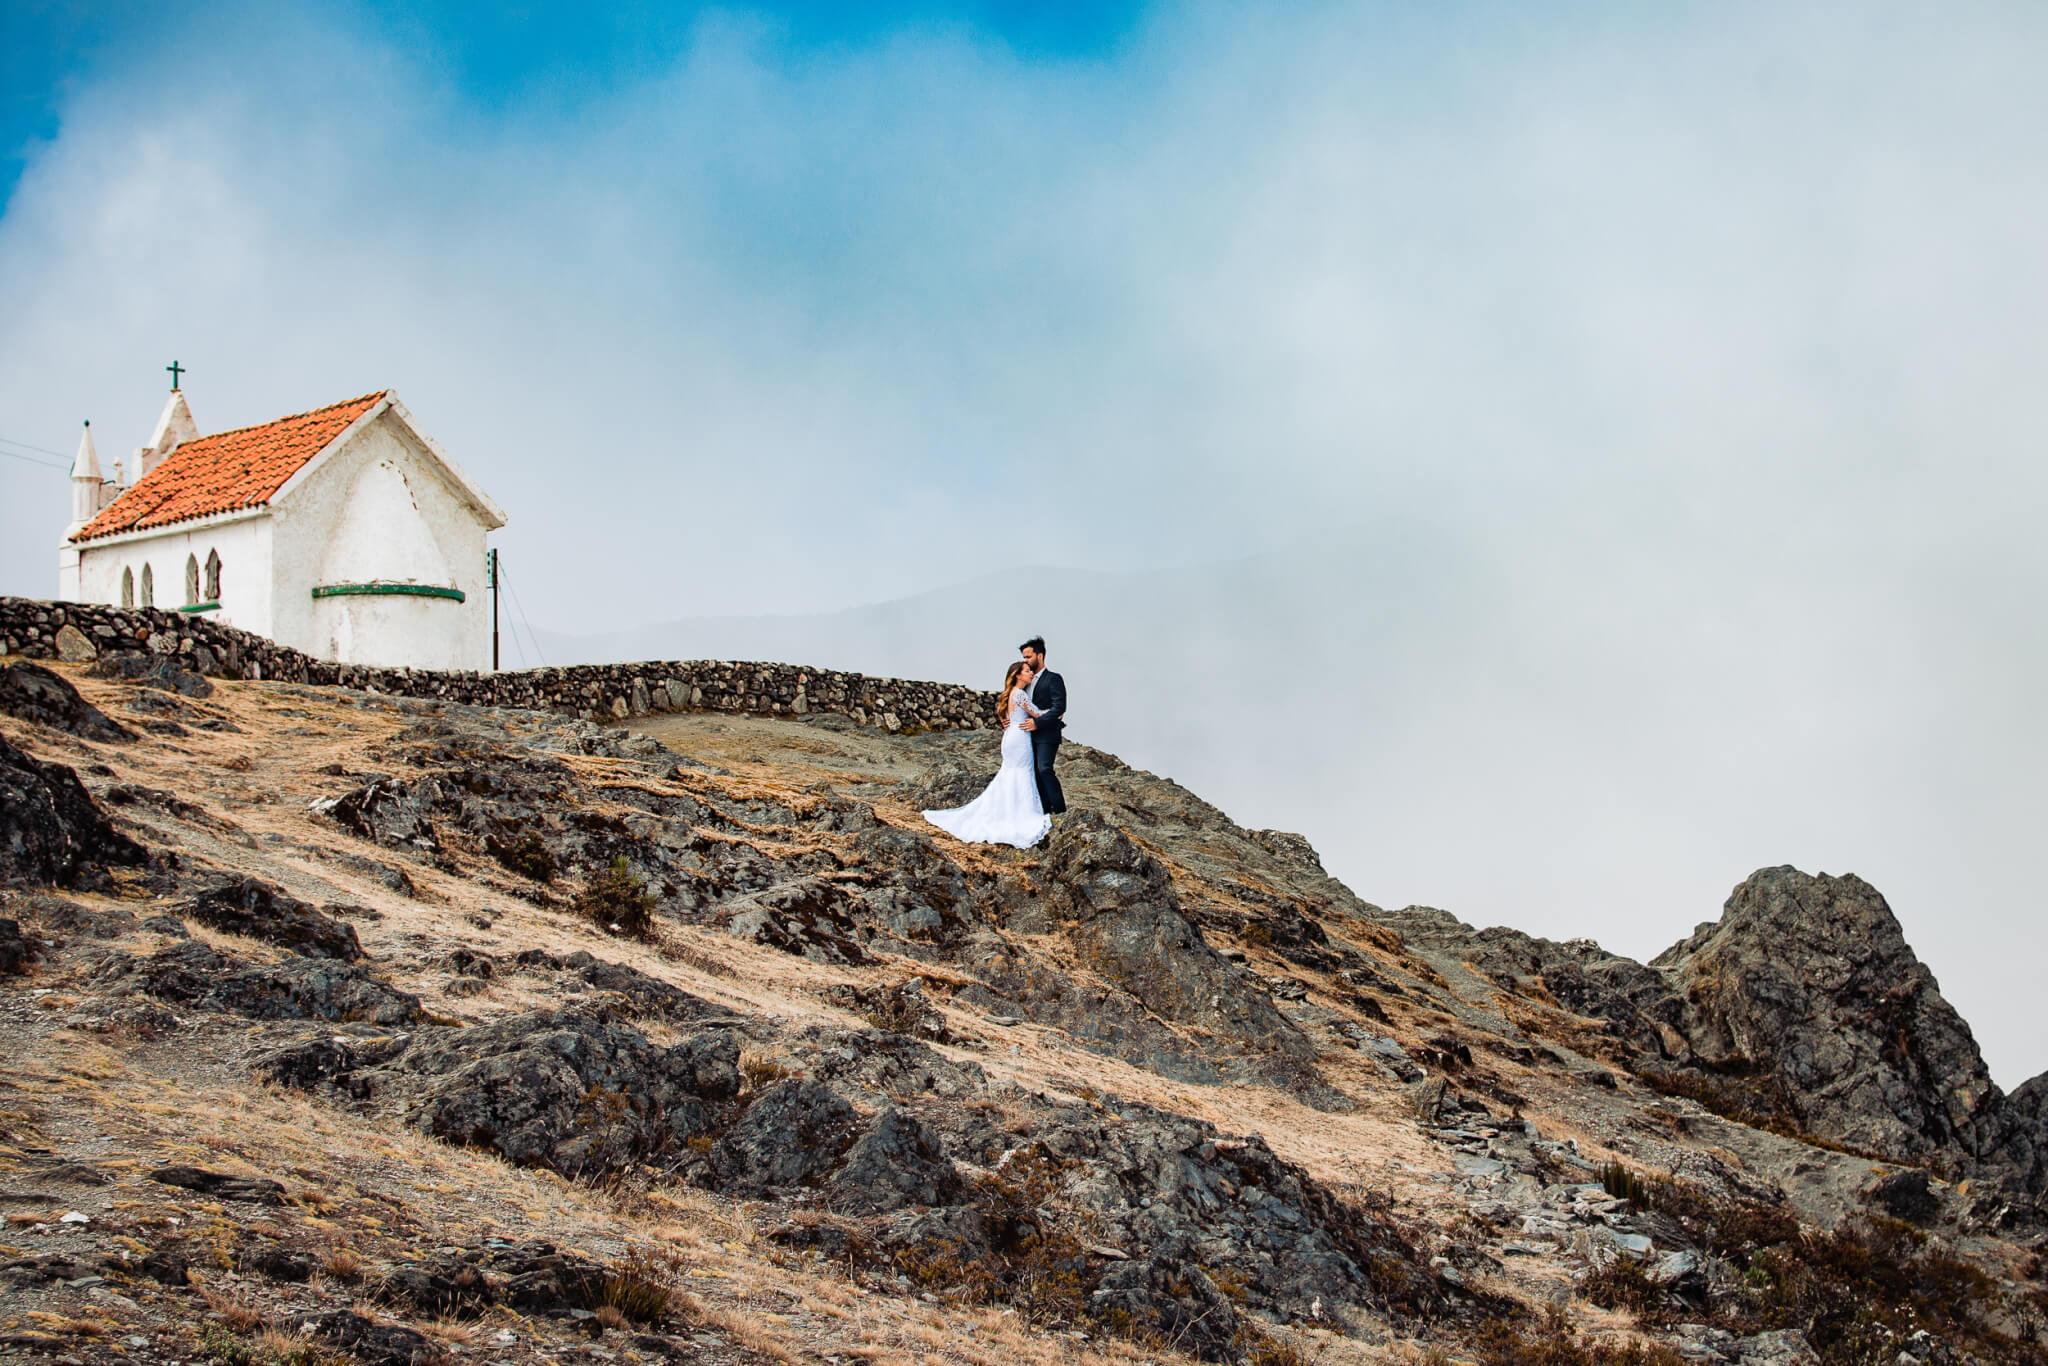 Ottawa wedding photographer Elias Mercado